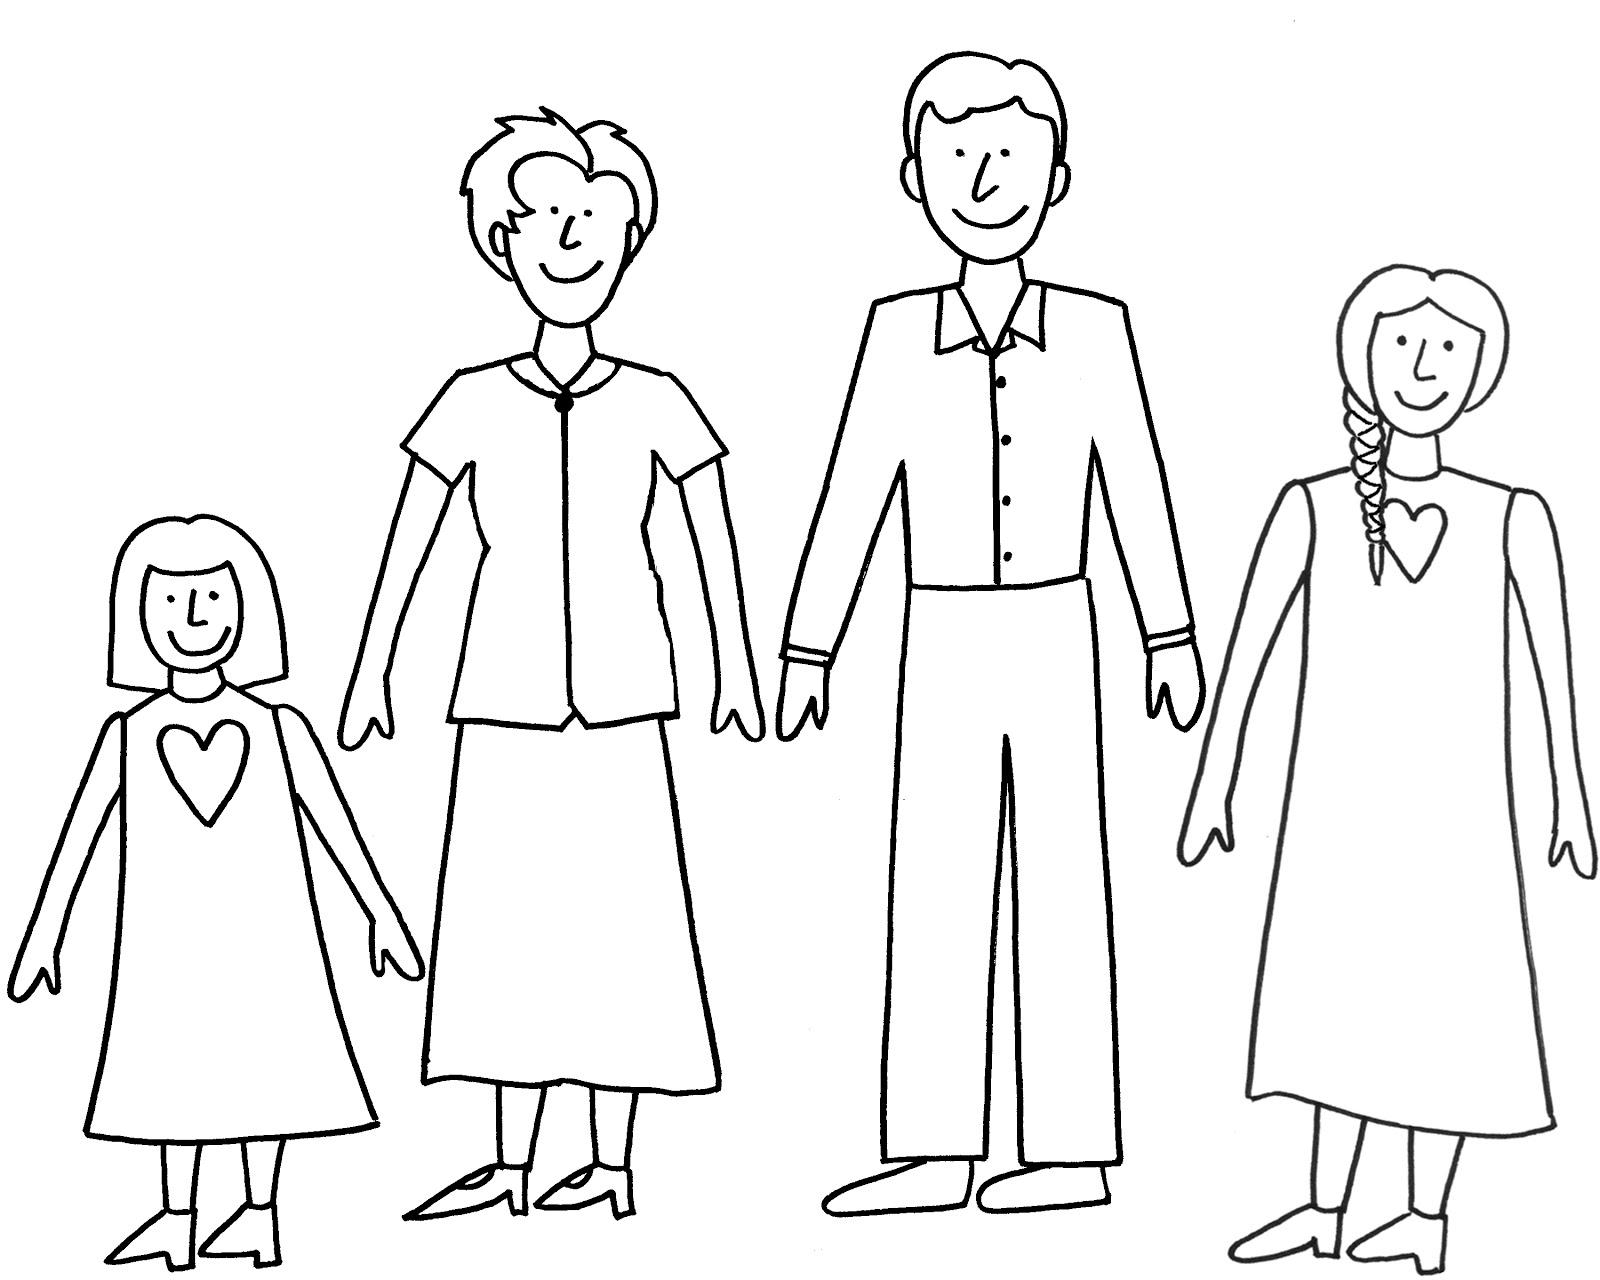 Поздравление, рисунок семьи карандашом для детей картинки